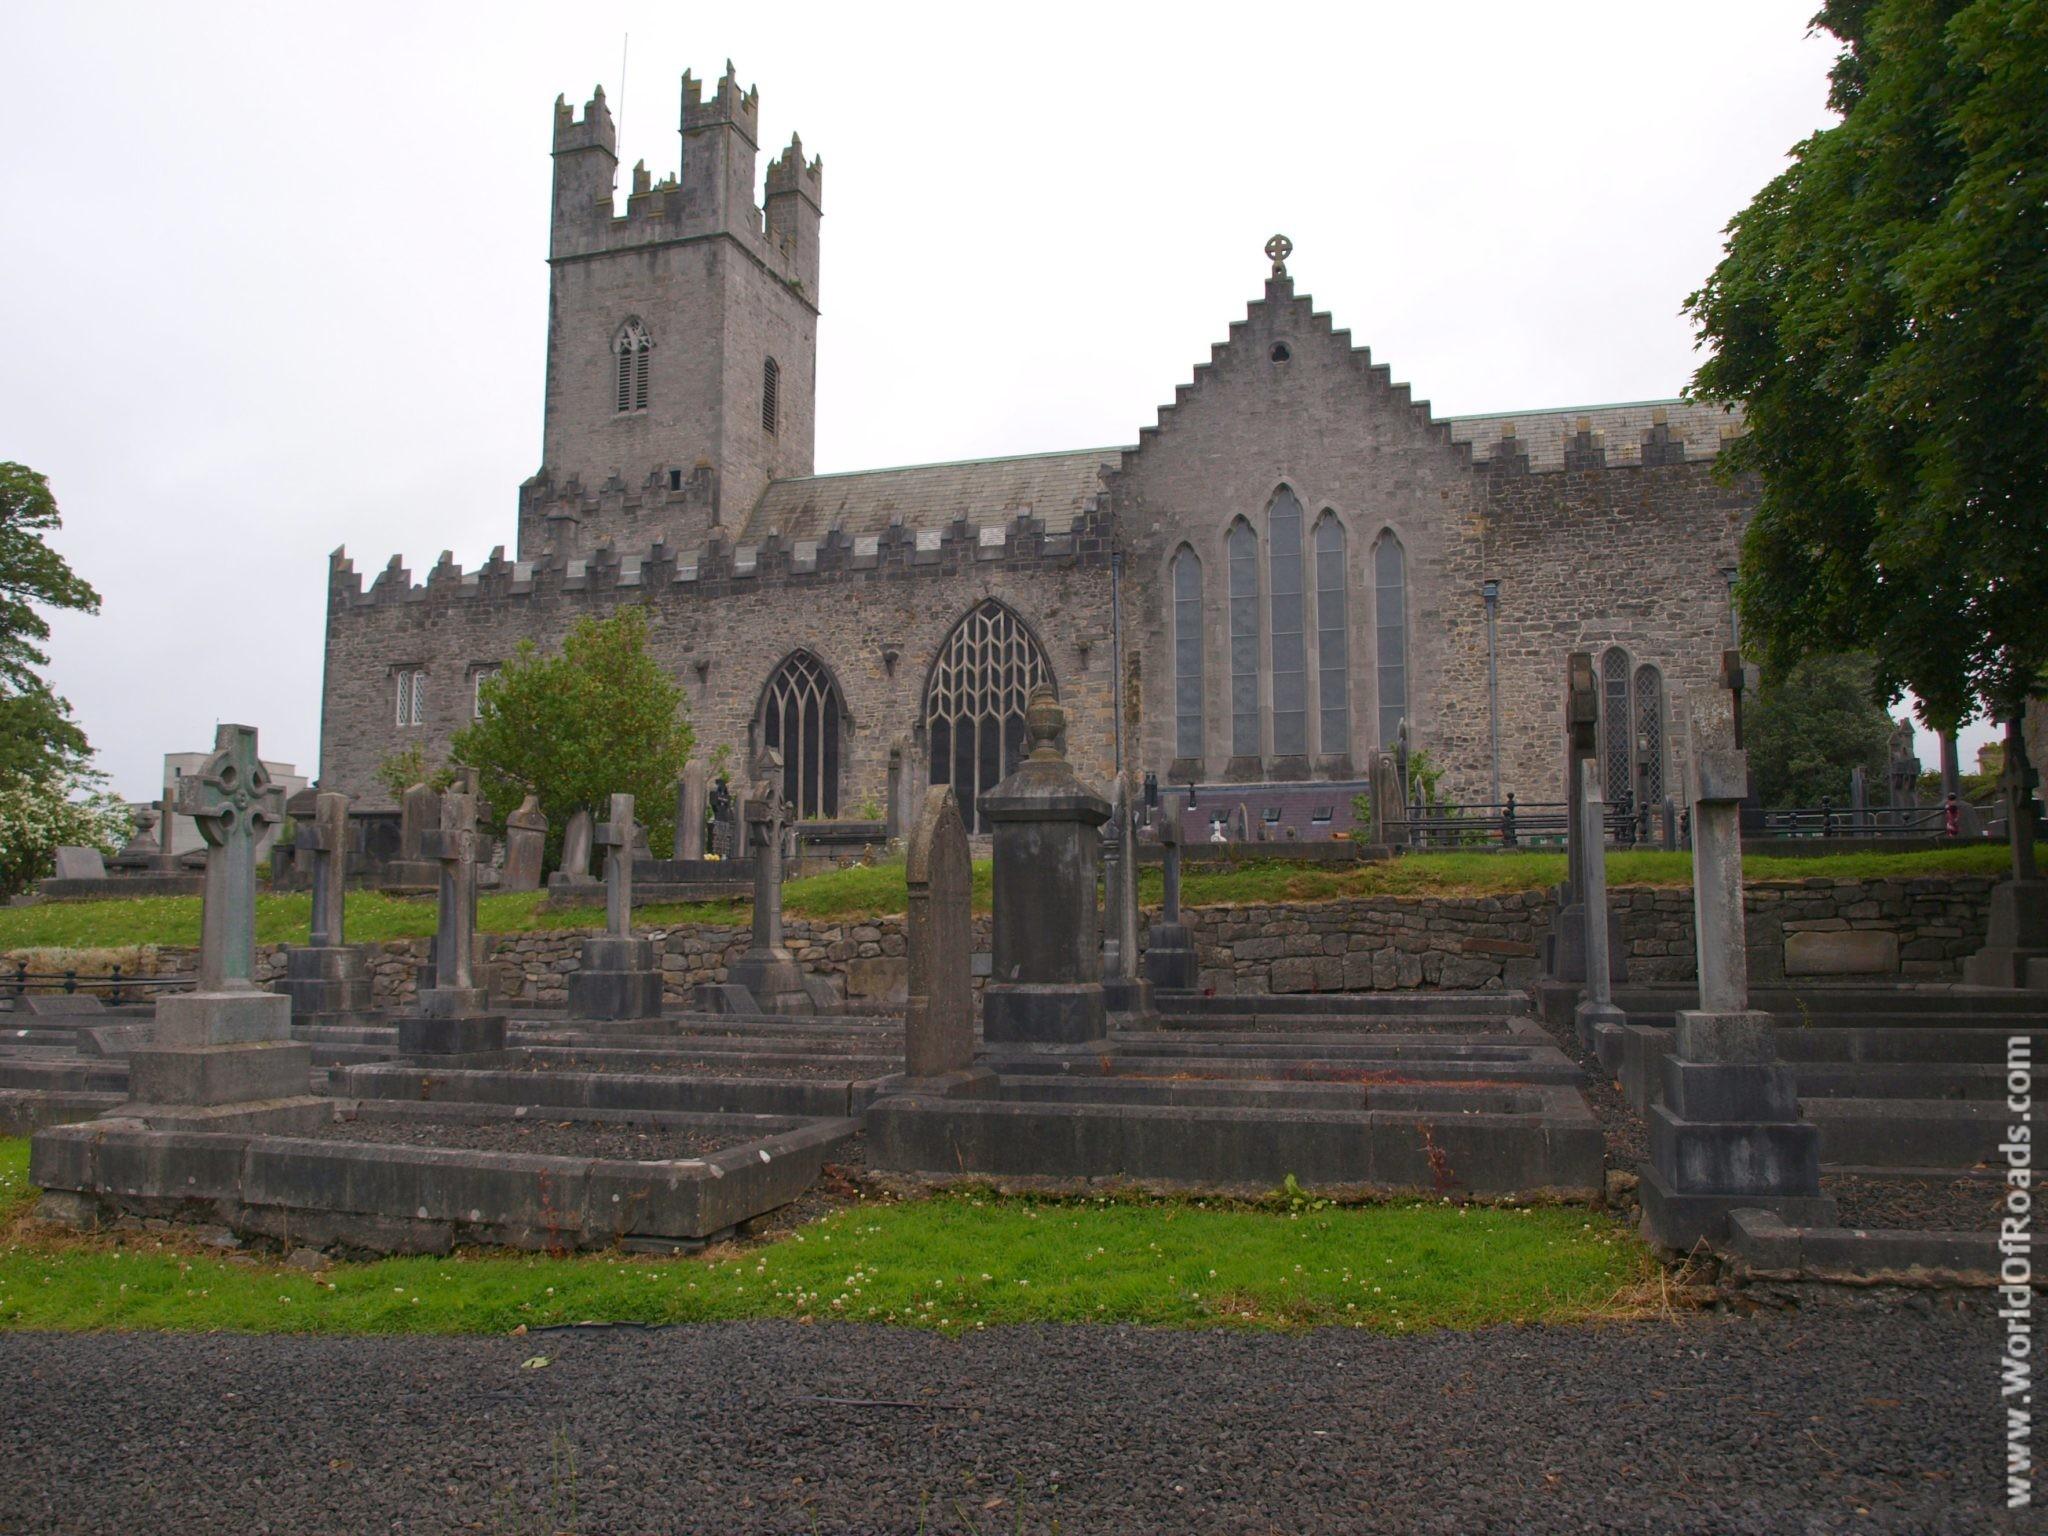 Собор Святой Марии. Лимерик, Ирландия.